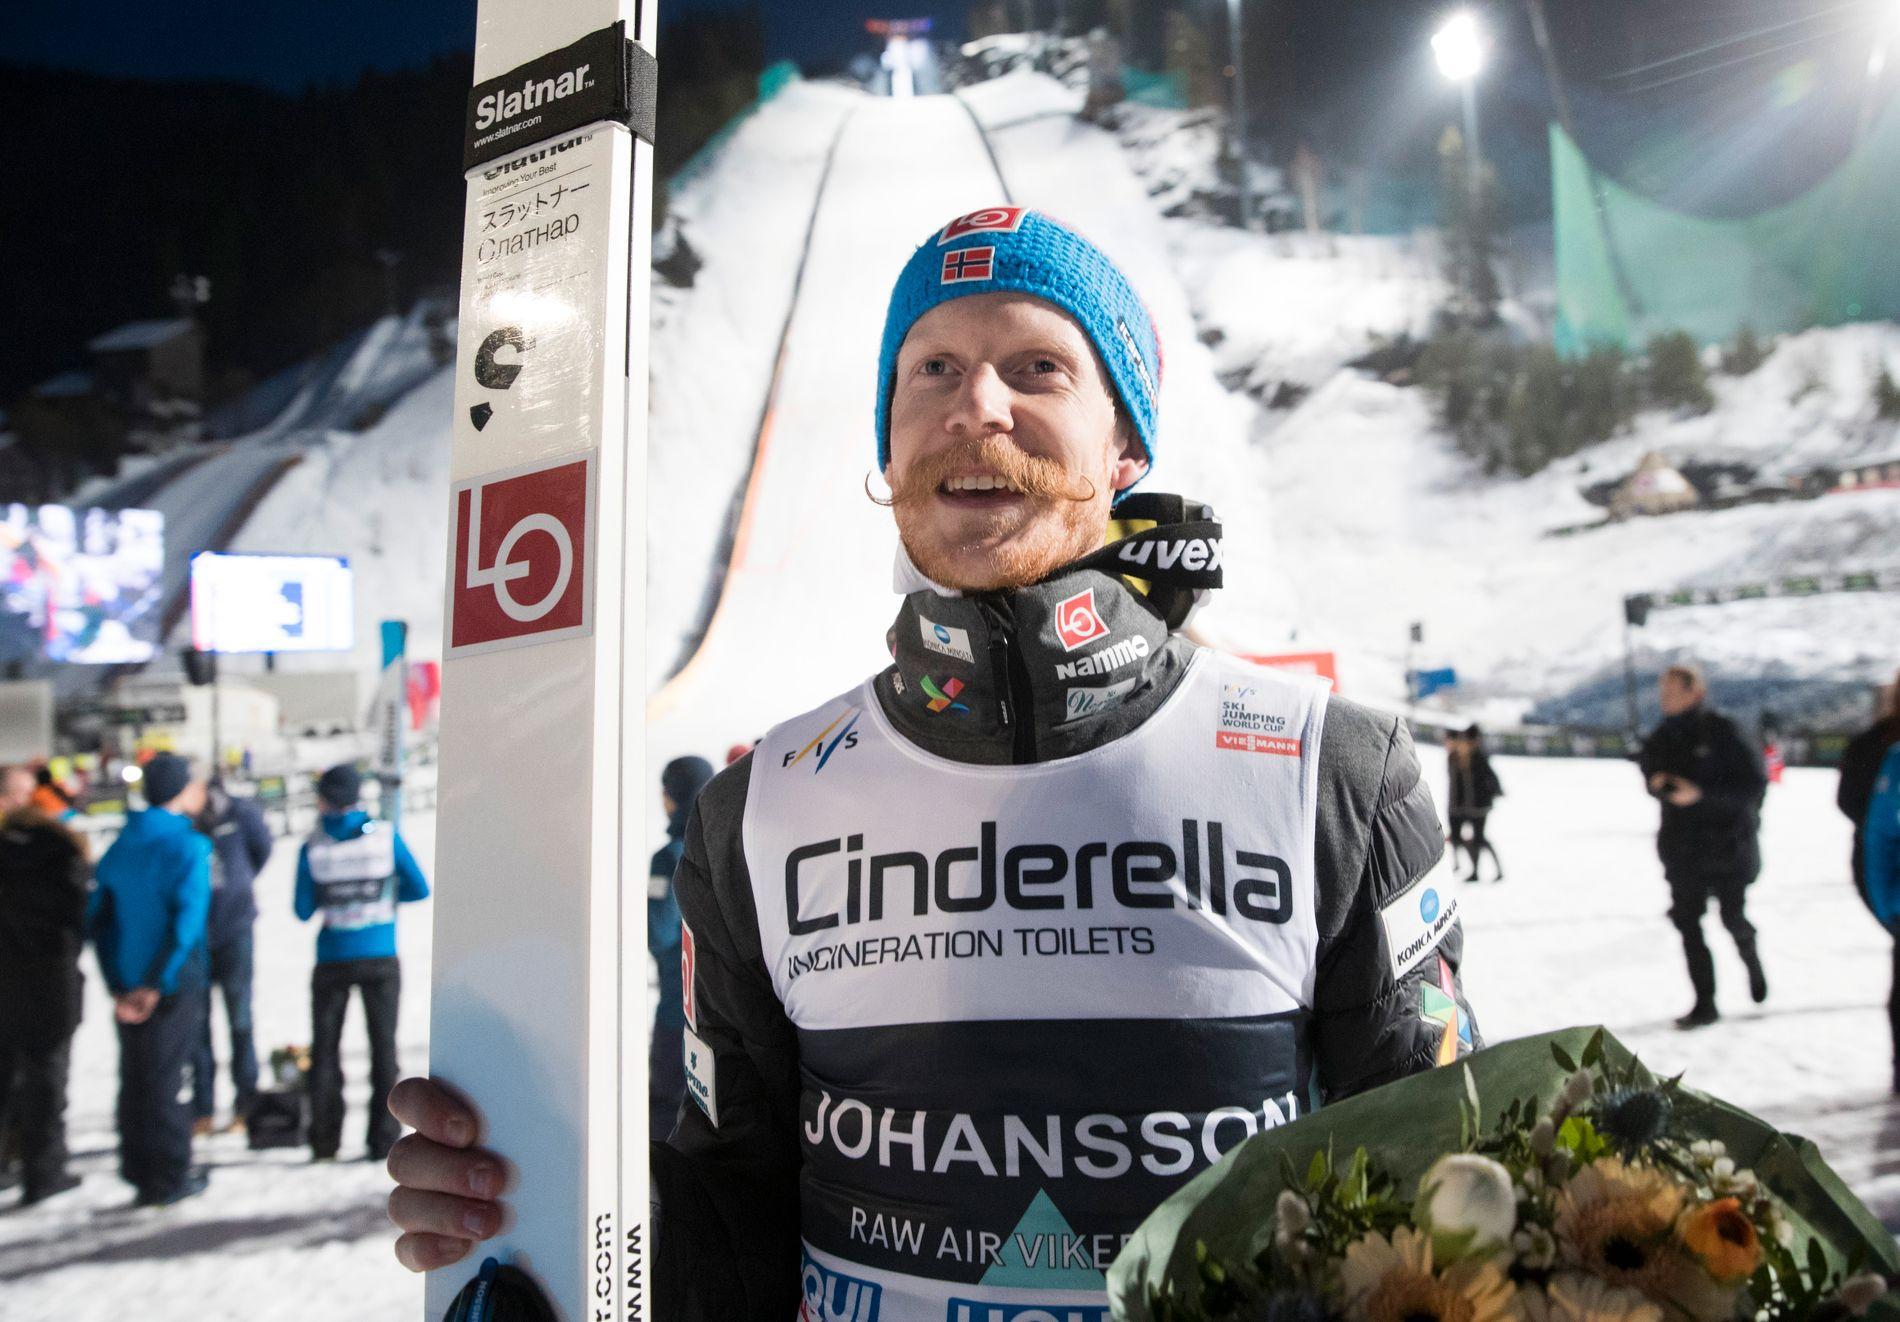 Robert Johansson ble beste nordmann med 3. plass sammenlagt. I fjor kom han på 2. plass i Raw Air.